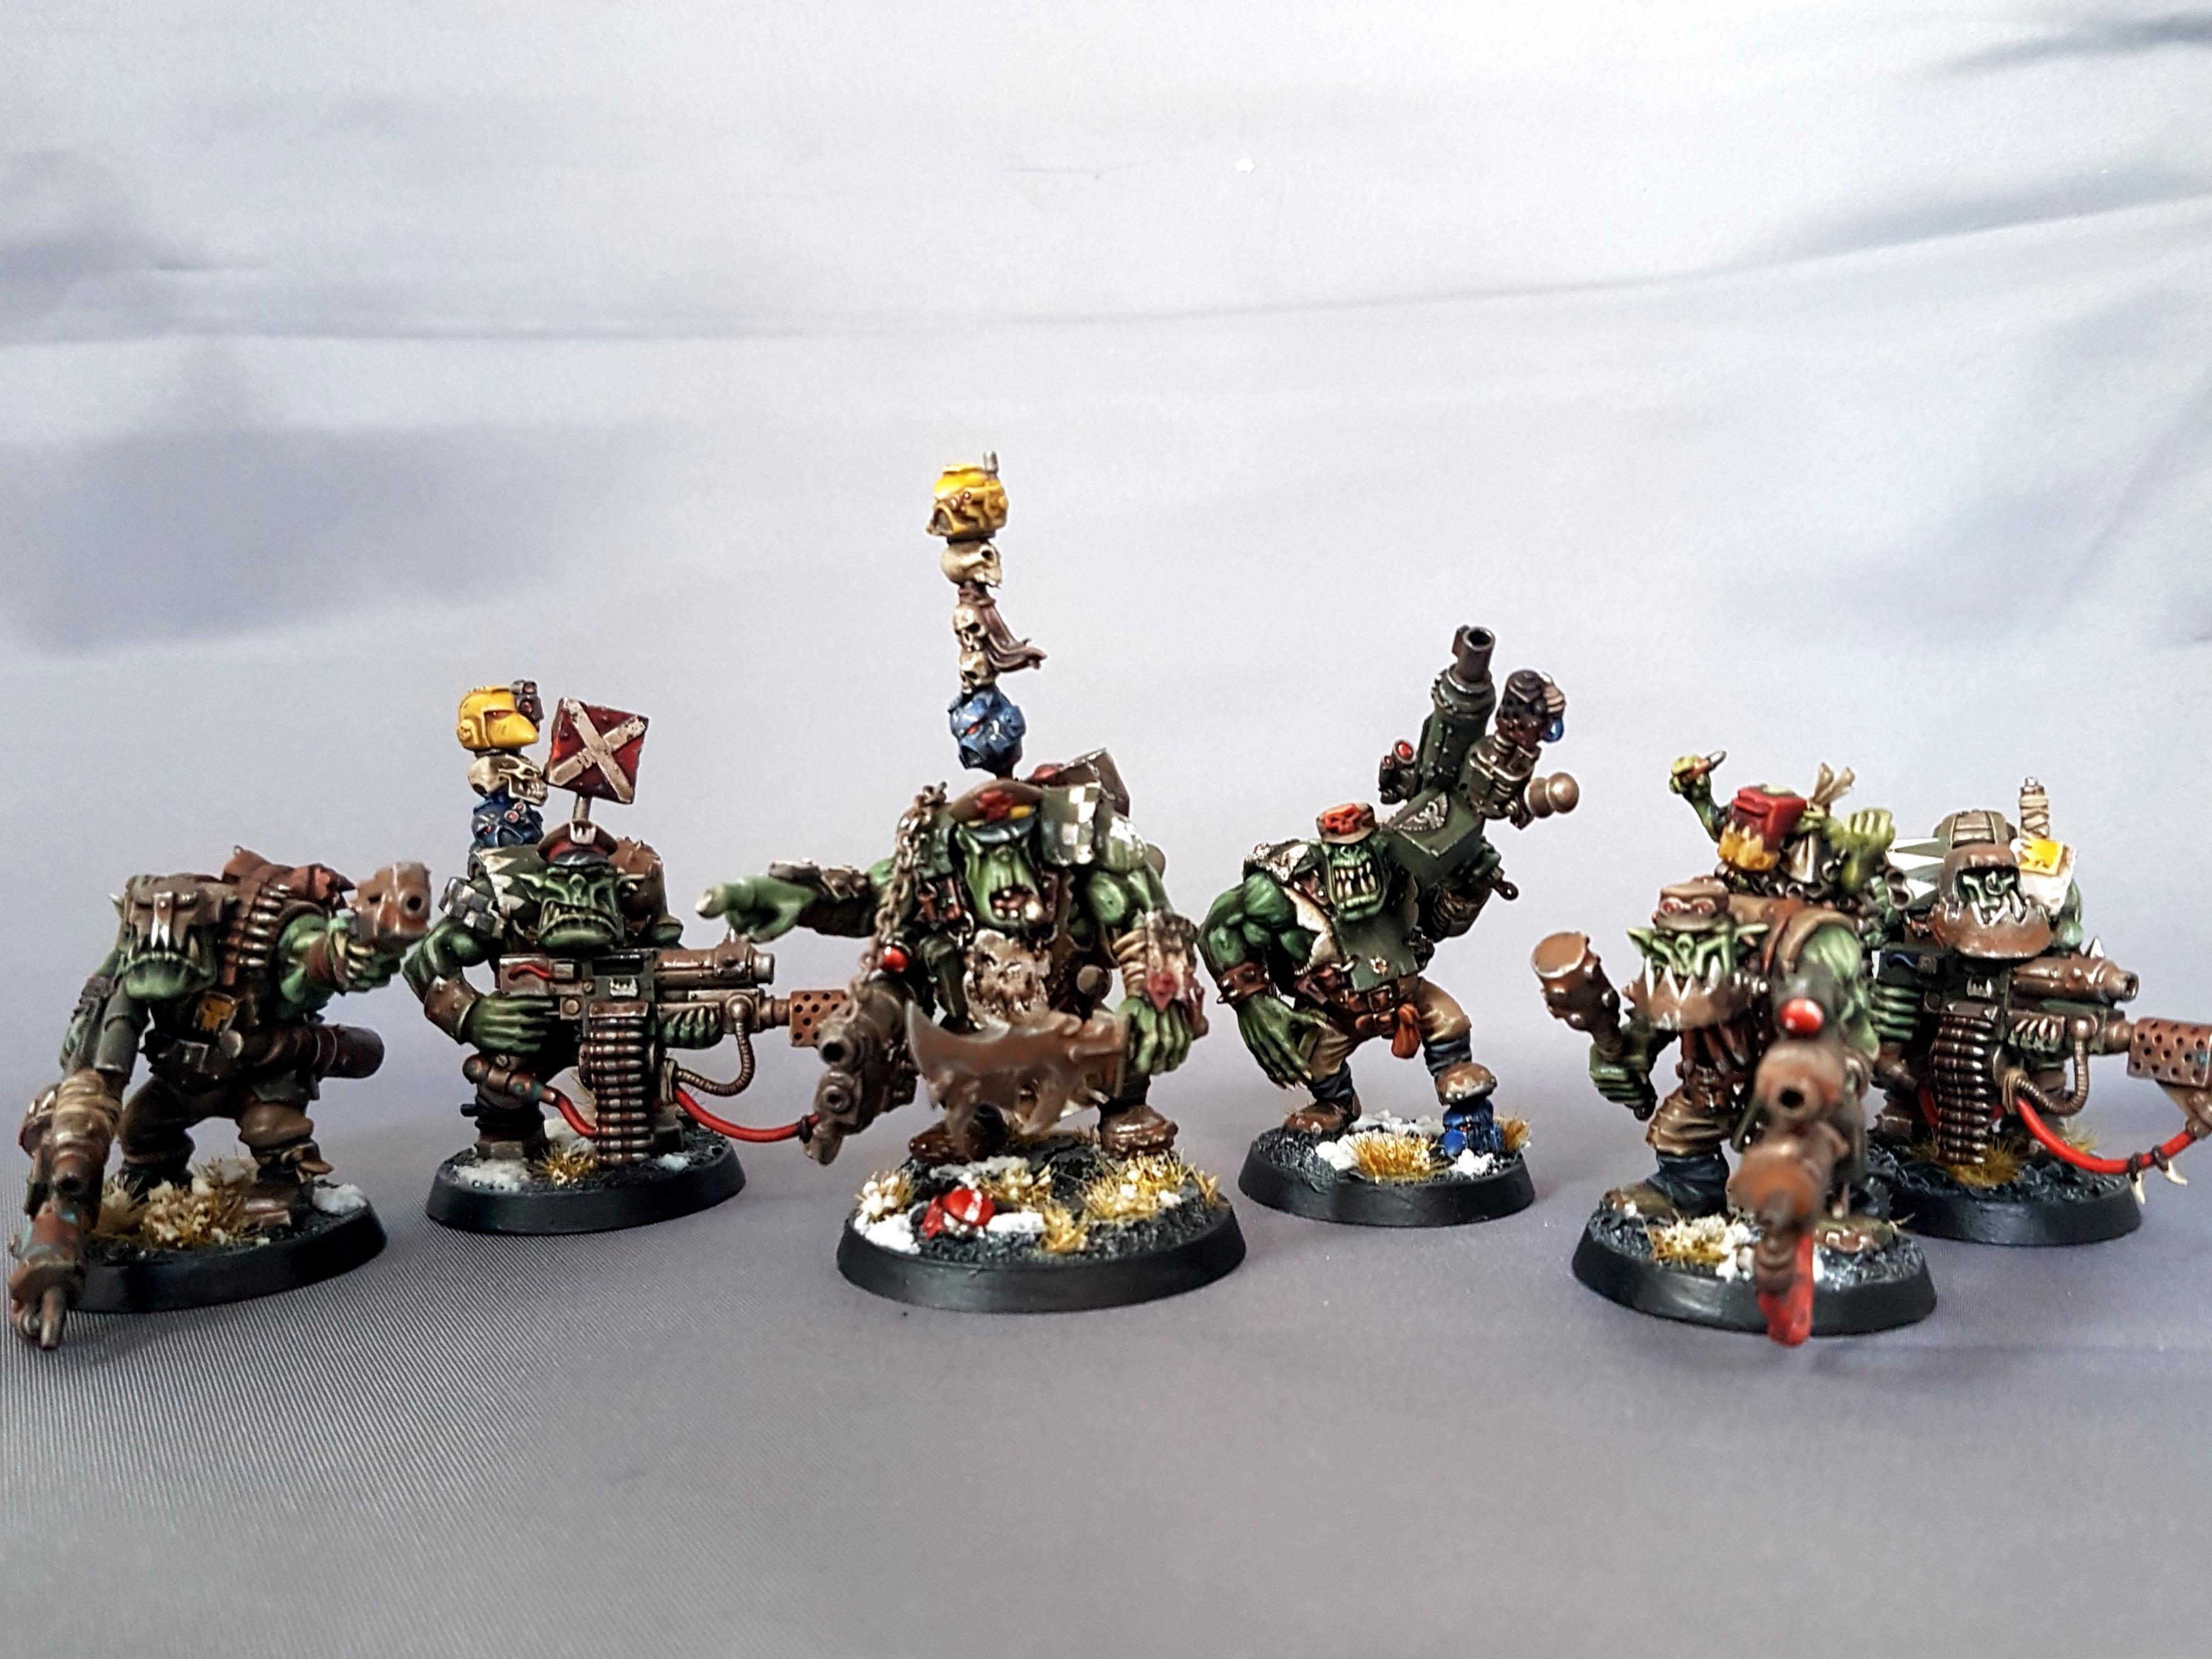 Blood Axe, Nob, Orks, Waaagh, Warboss, Warhammer 40,000